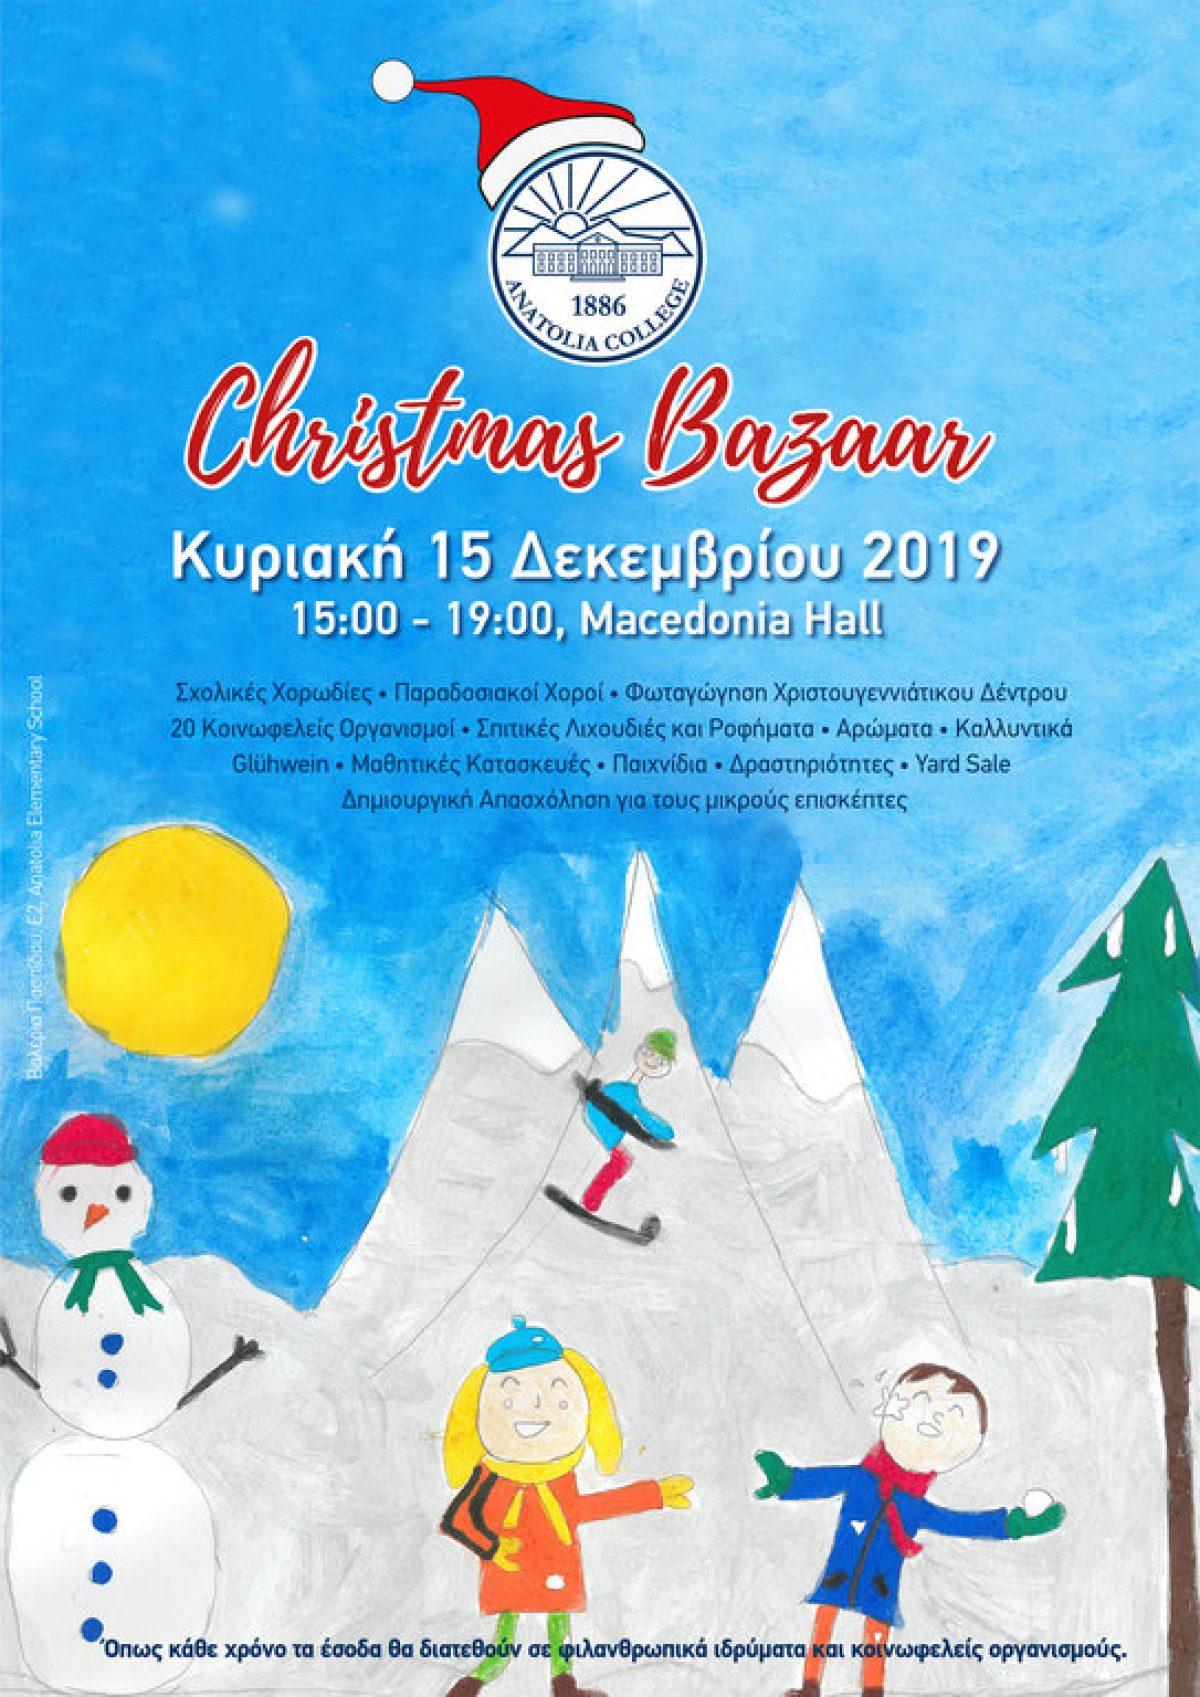 Χριστουγεννιάτικο Bazaar του Κολλεγίου Ανατόλια 2019 Κυριακή 15 Δεκεμβρίου 2019, 15:00 – 19:00